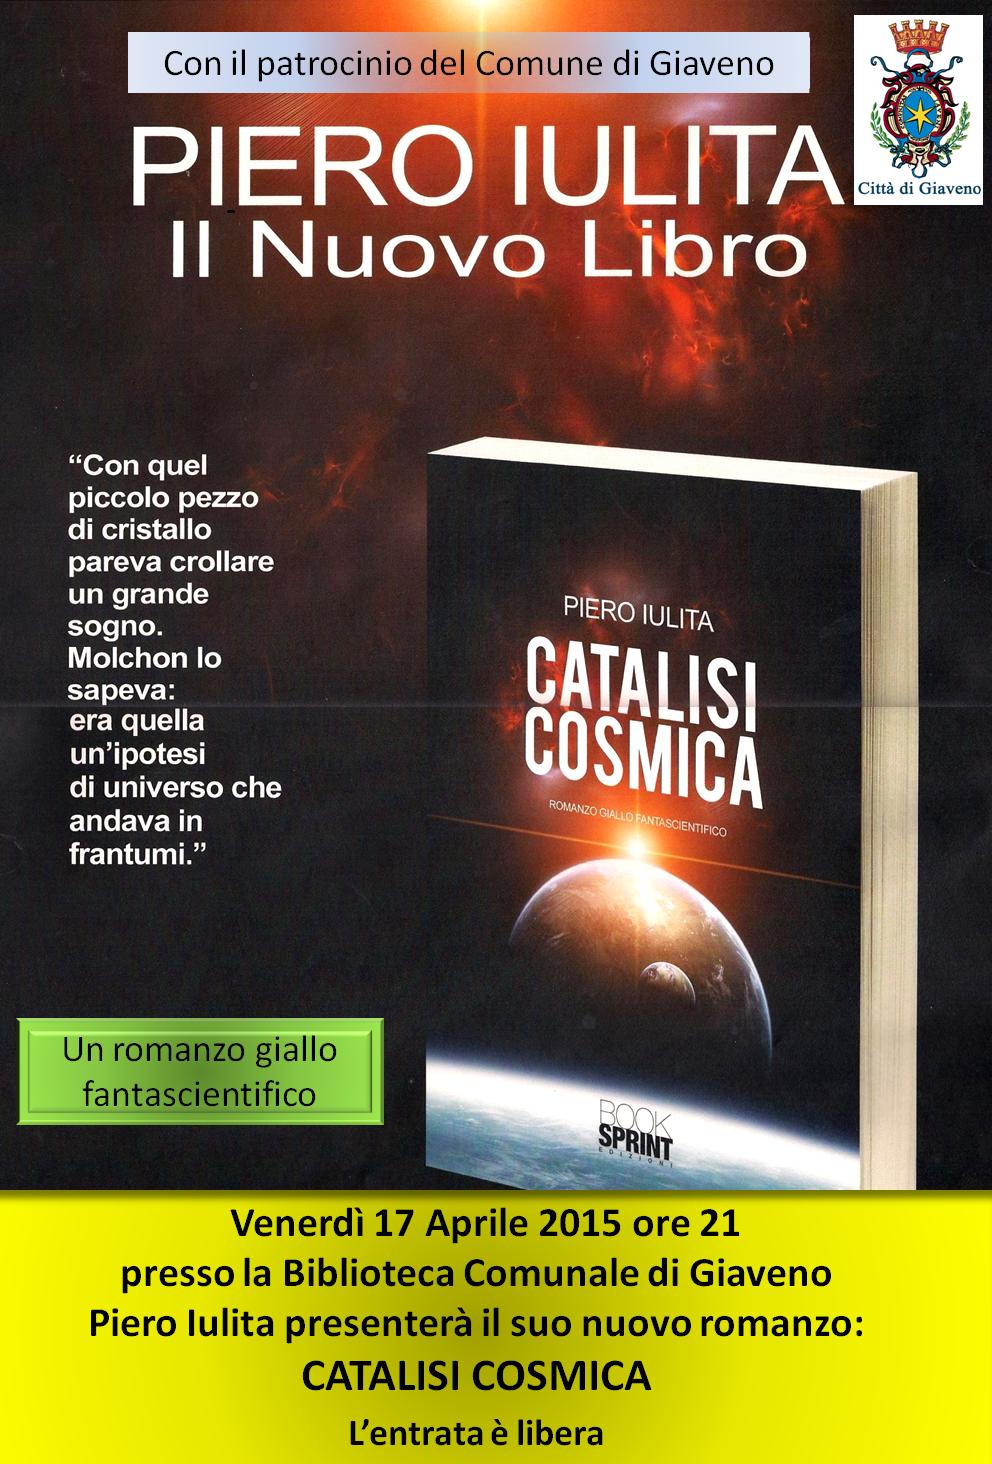 """""""Catalisi cosmica"""" di Piero Iulita presentazione venerdì 17 aprile 2015"""